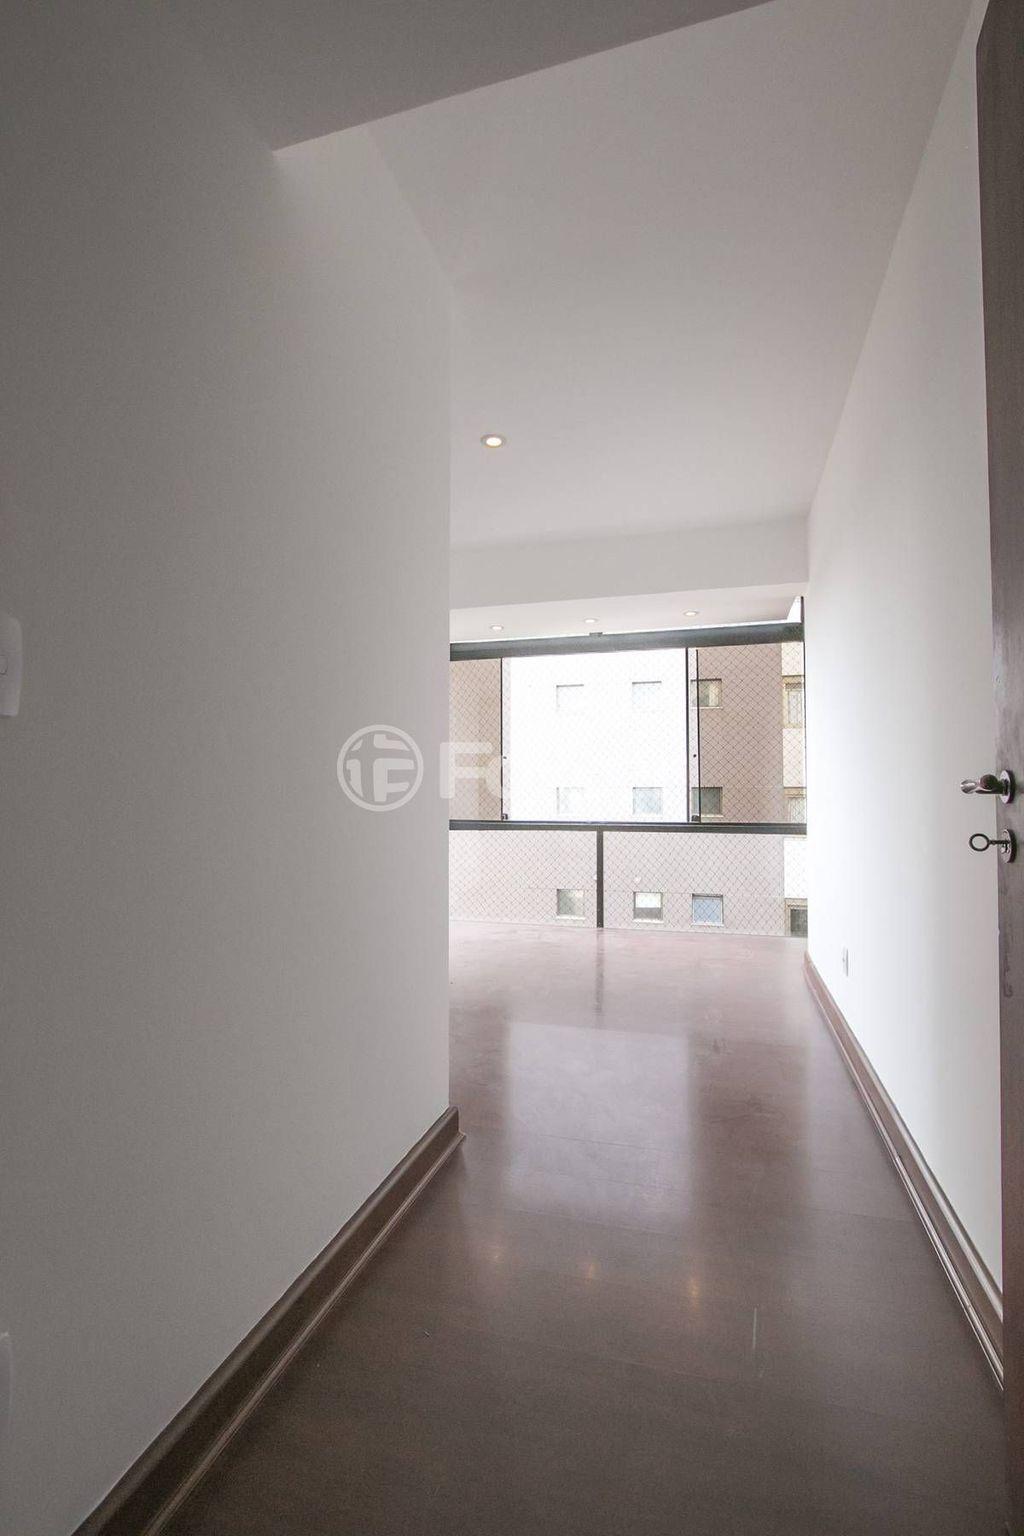 Foxter Imobiliária - Cobertura 5 Dorm (115529) - Foto 23